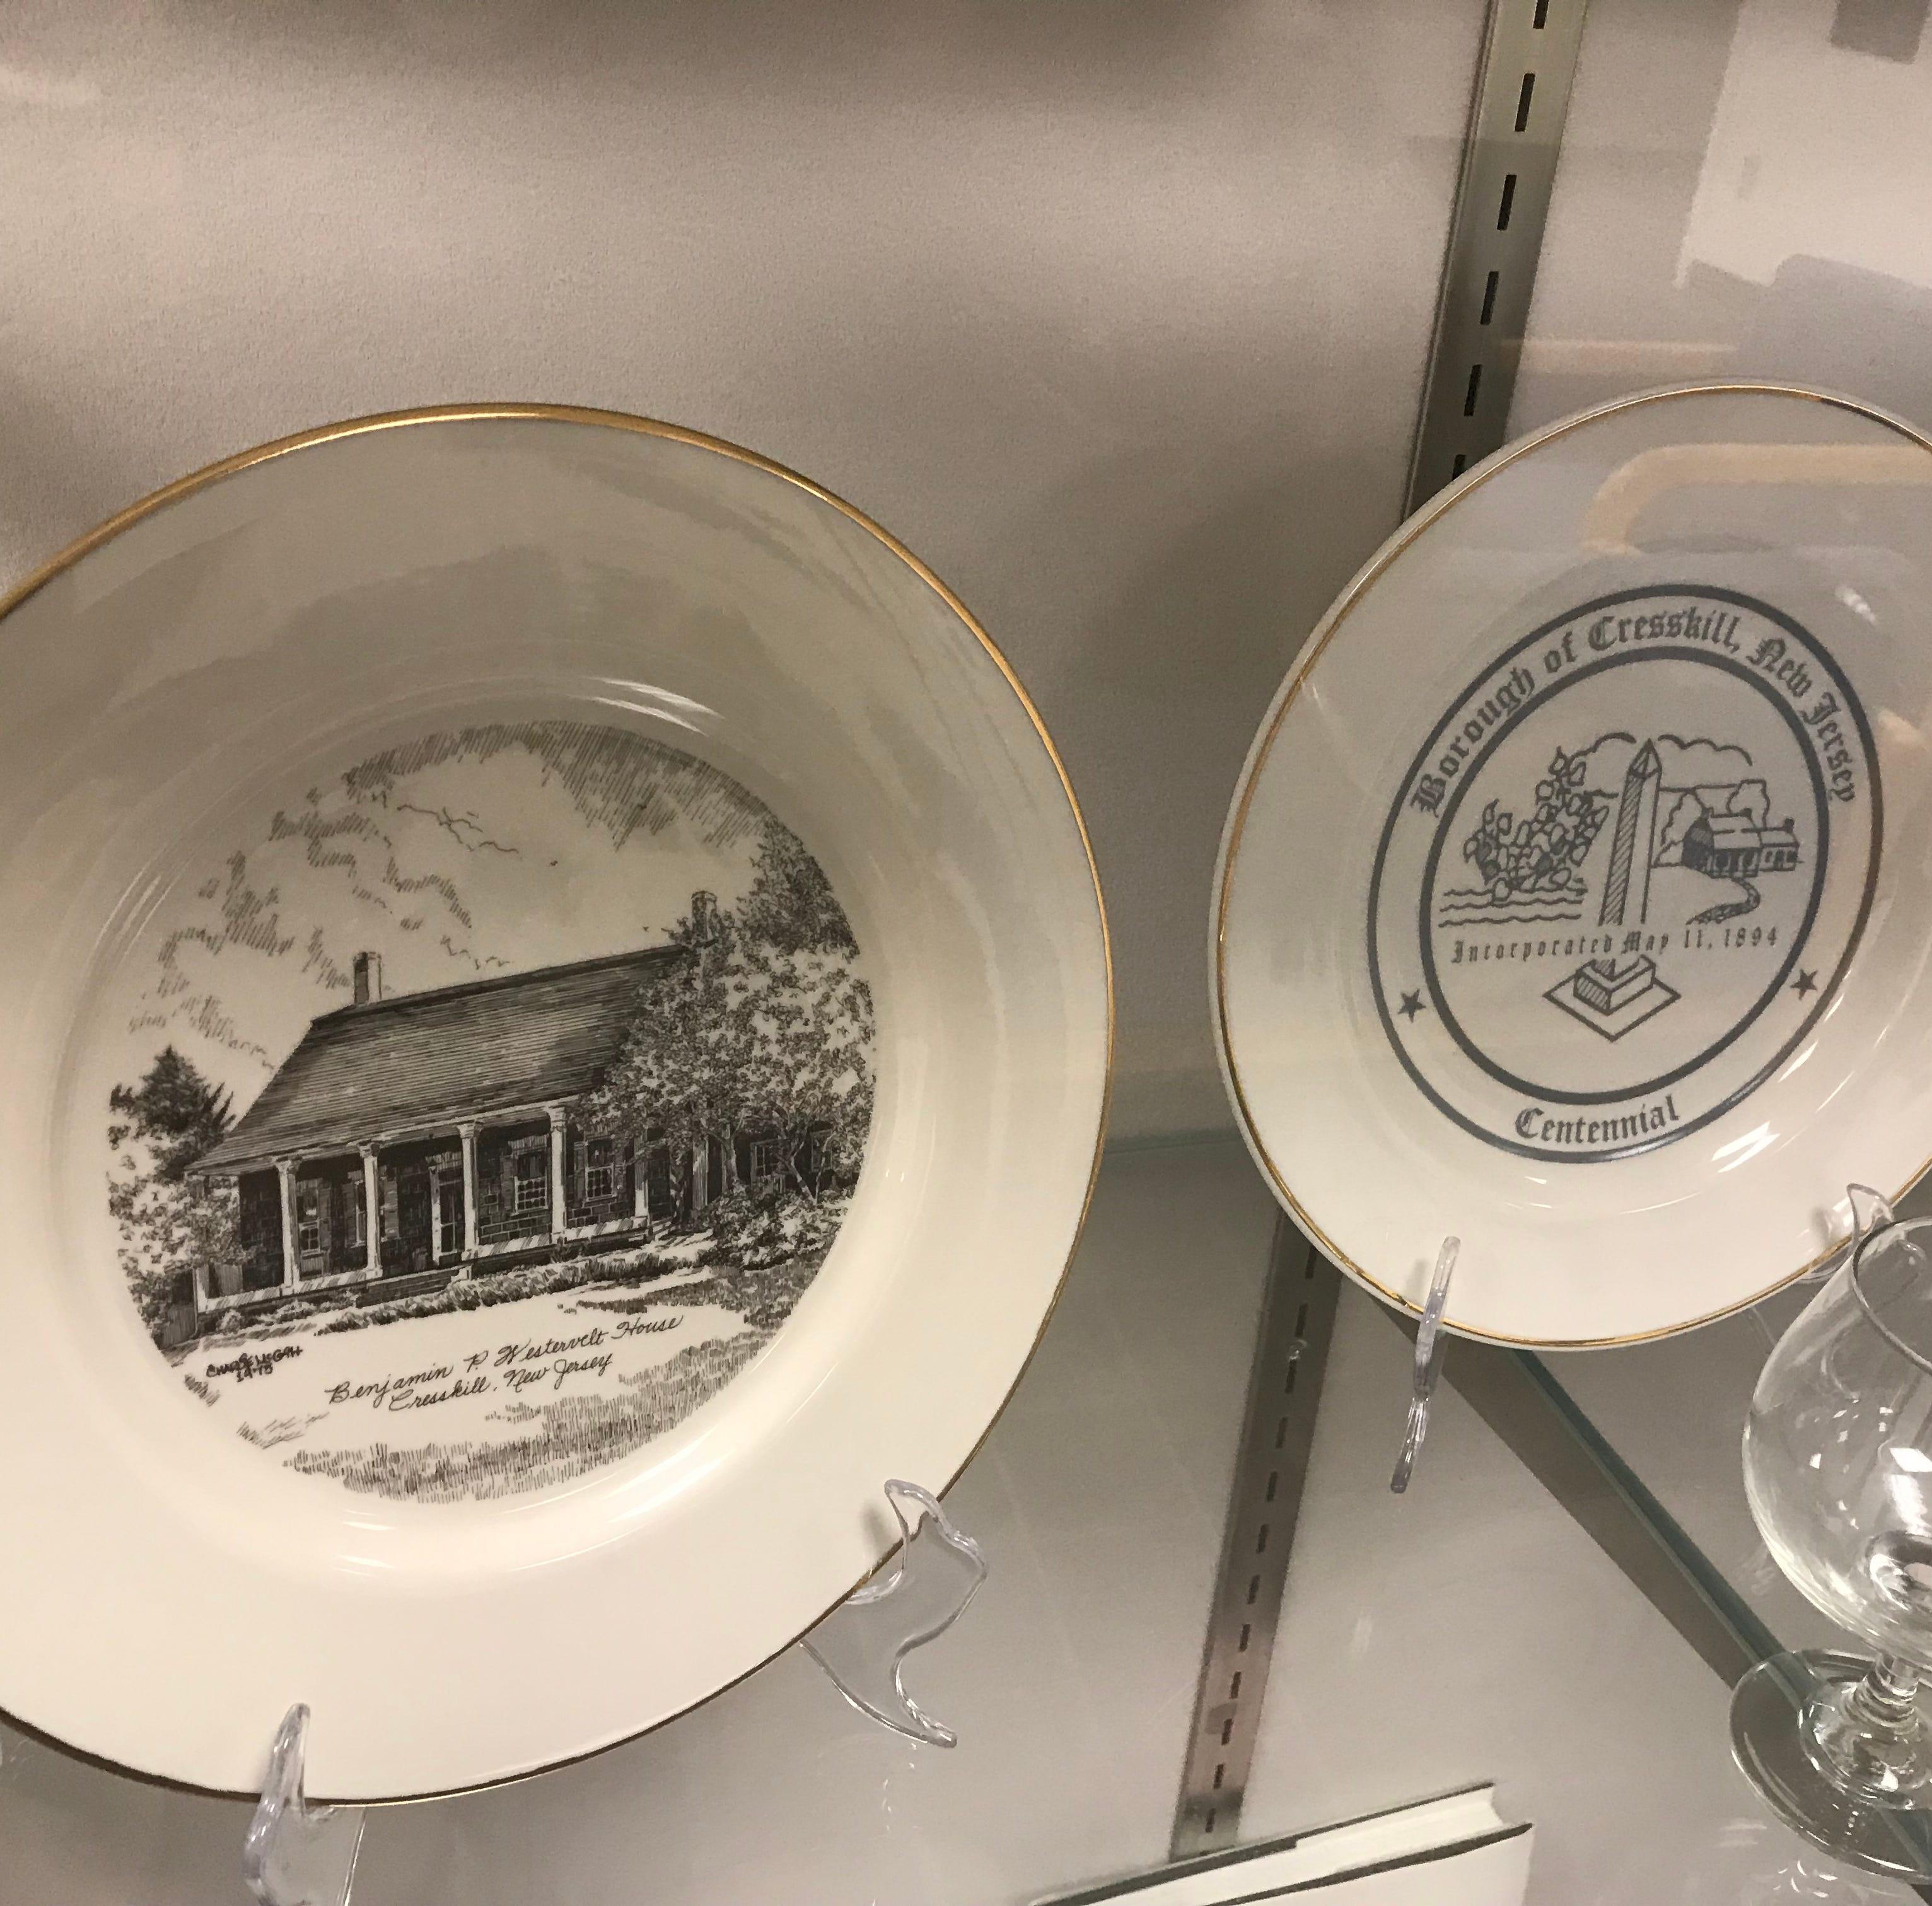 Bergenfield, Cresskill, Dumont celebrate 125th anniversaries